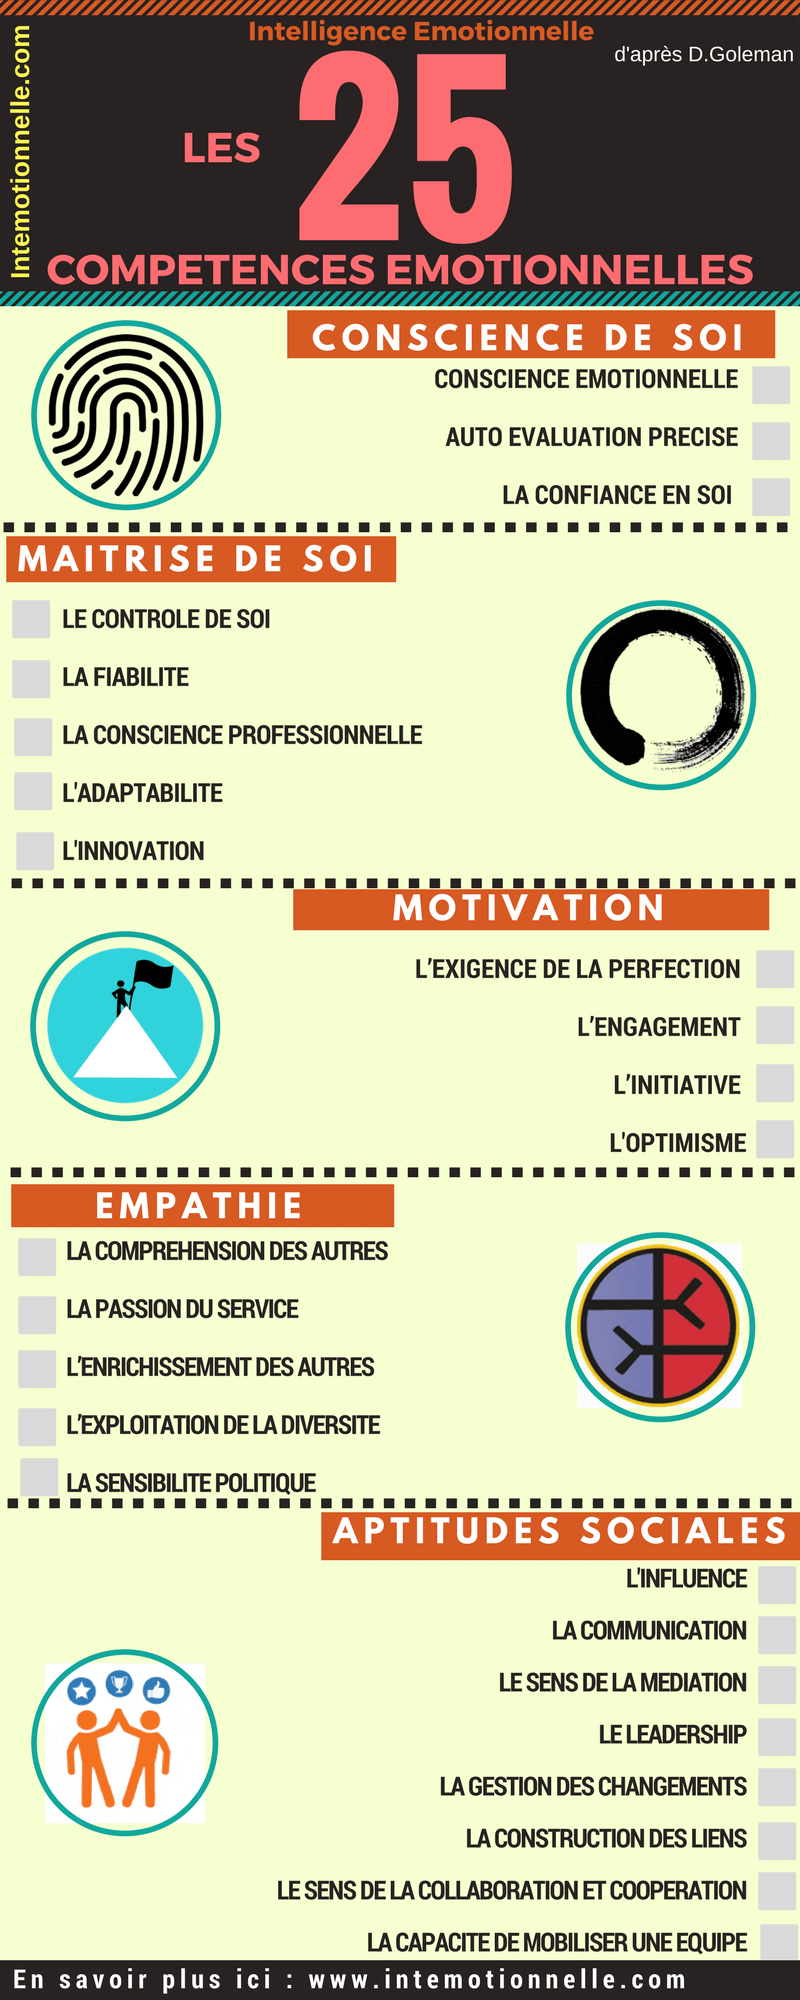 Les 25 Competences De L Intelligence Emotionnelle Intelligence Emotionnelle Emotionnel Coaching Developpement Personnel